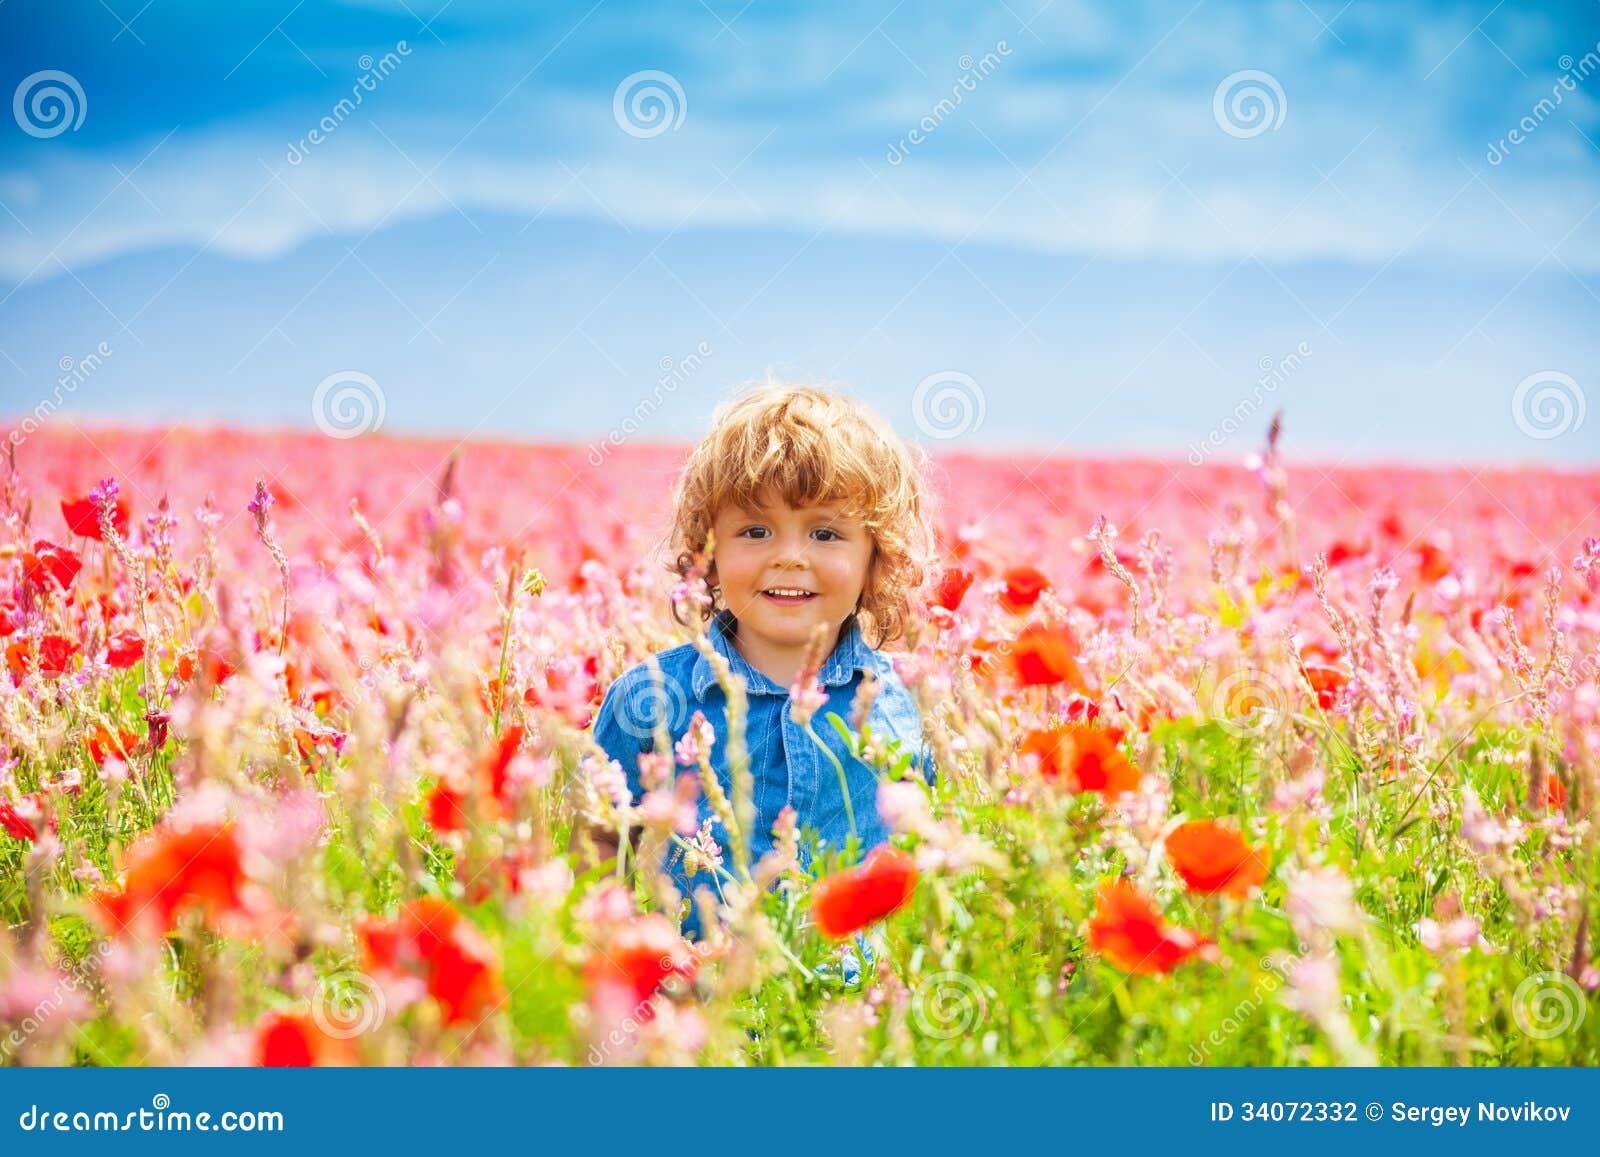 Smiling little boy in poppy field